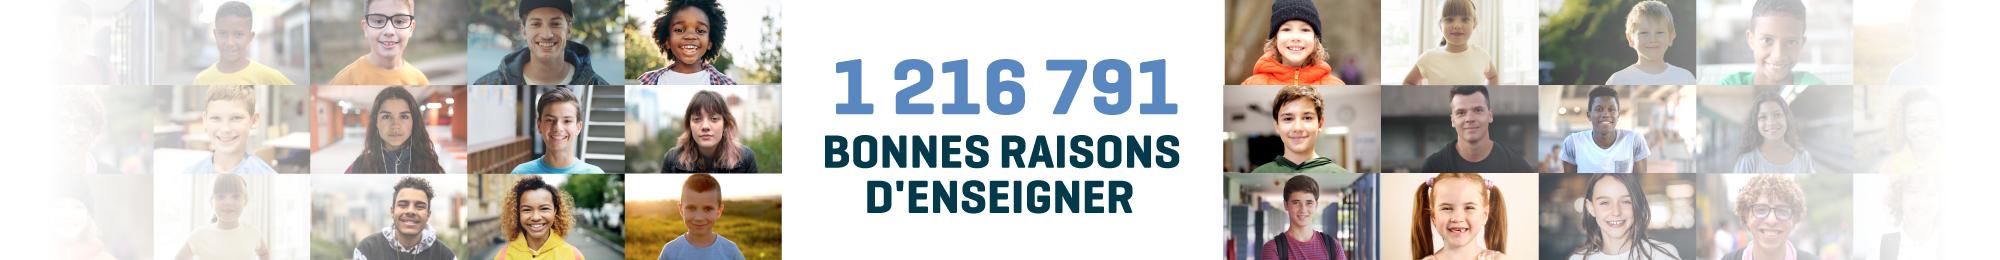 Il y a 1 216 791 bonnes raisons d'enseigner